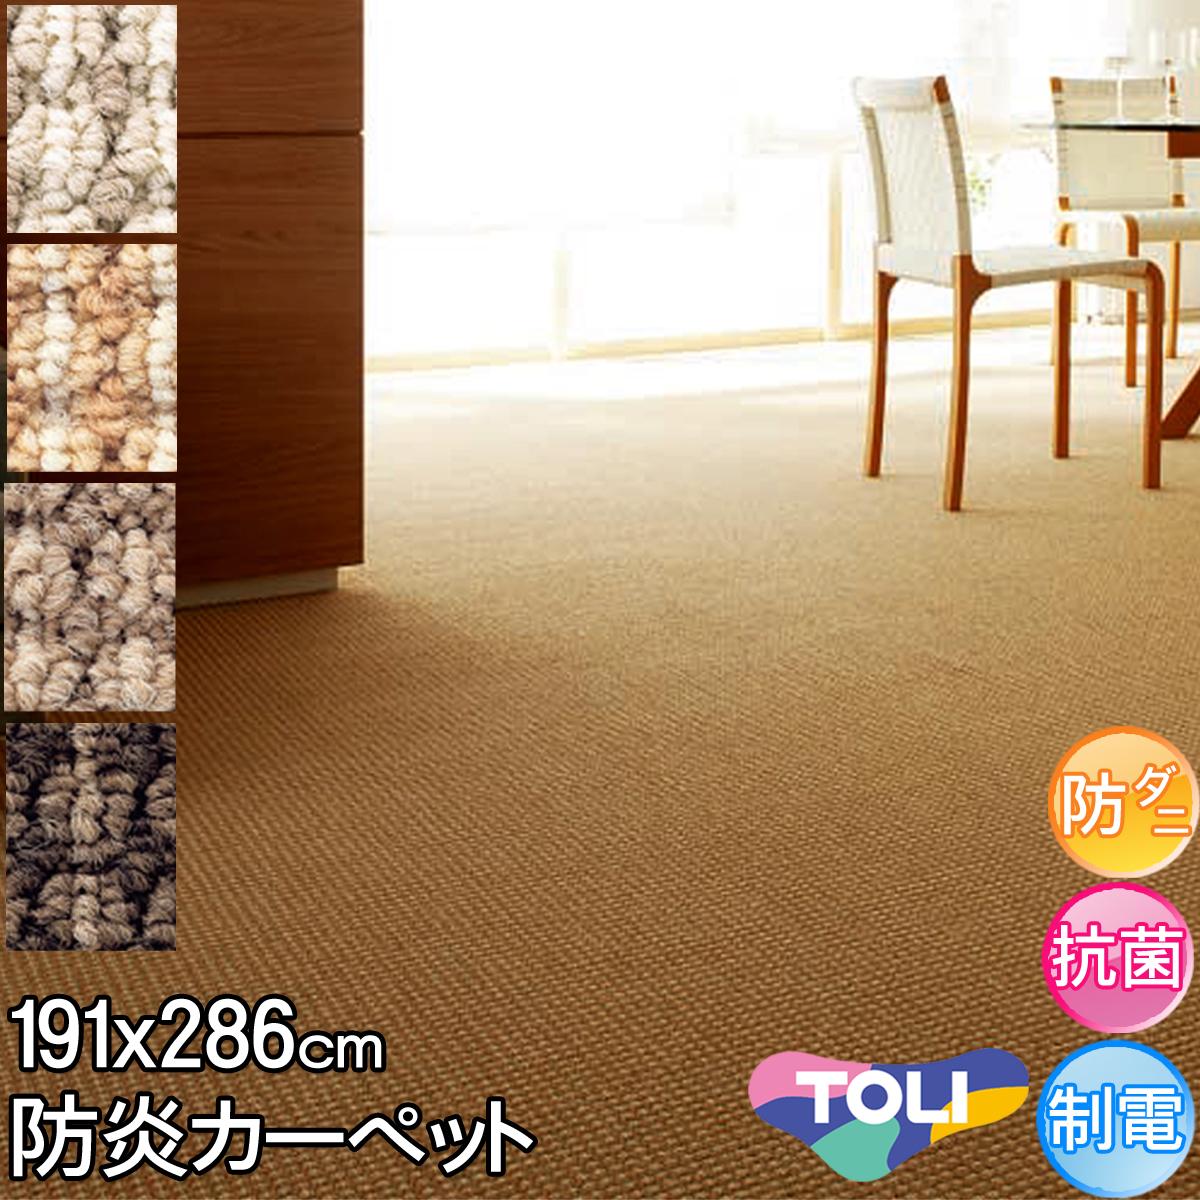 東リ カーペット 3畳 約191×286cm 本間 3帖 デザインカーペット 防ダニ 抗菌 防炎 シンプル アースカラー ライトブラウン ベージュ ブラウン ダークブラウン春夏秋冬用 カーペット ラグ 日本製 絨毯 セグエ